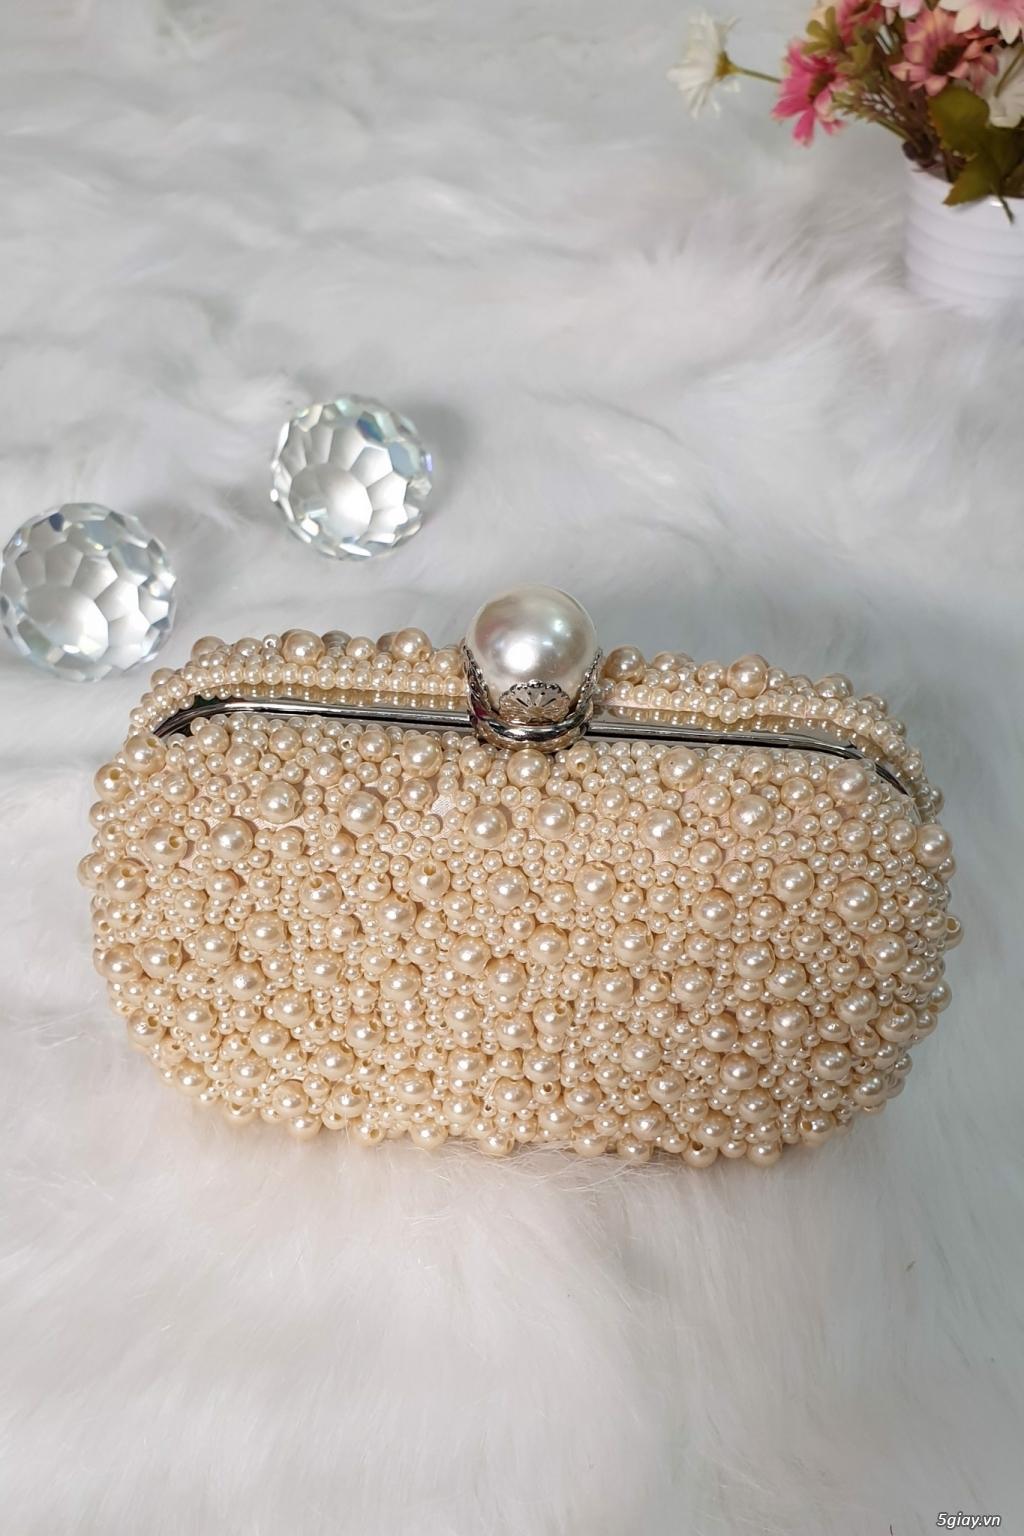 Wal House Fashion - Bóp ví túi xách thời trang - Giá ưu đãi - 20